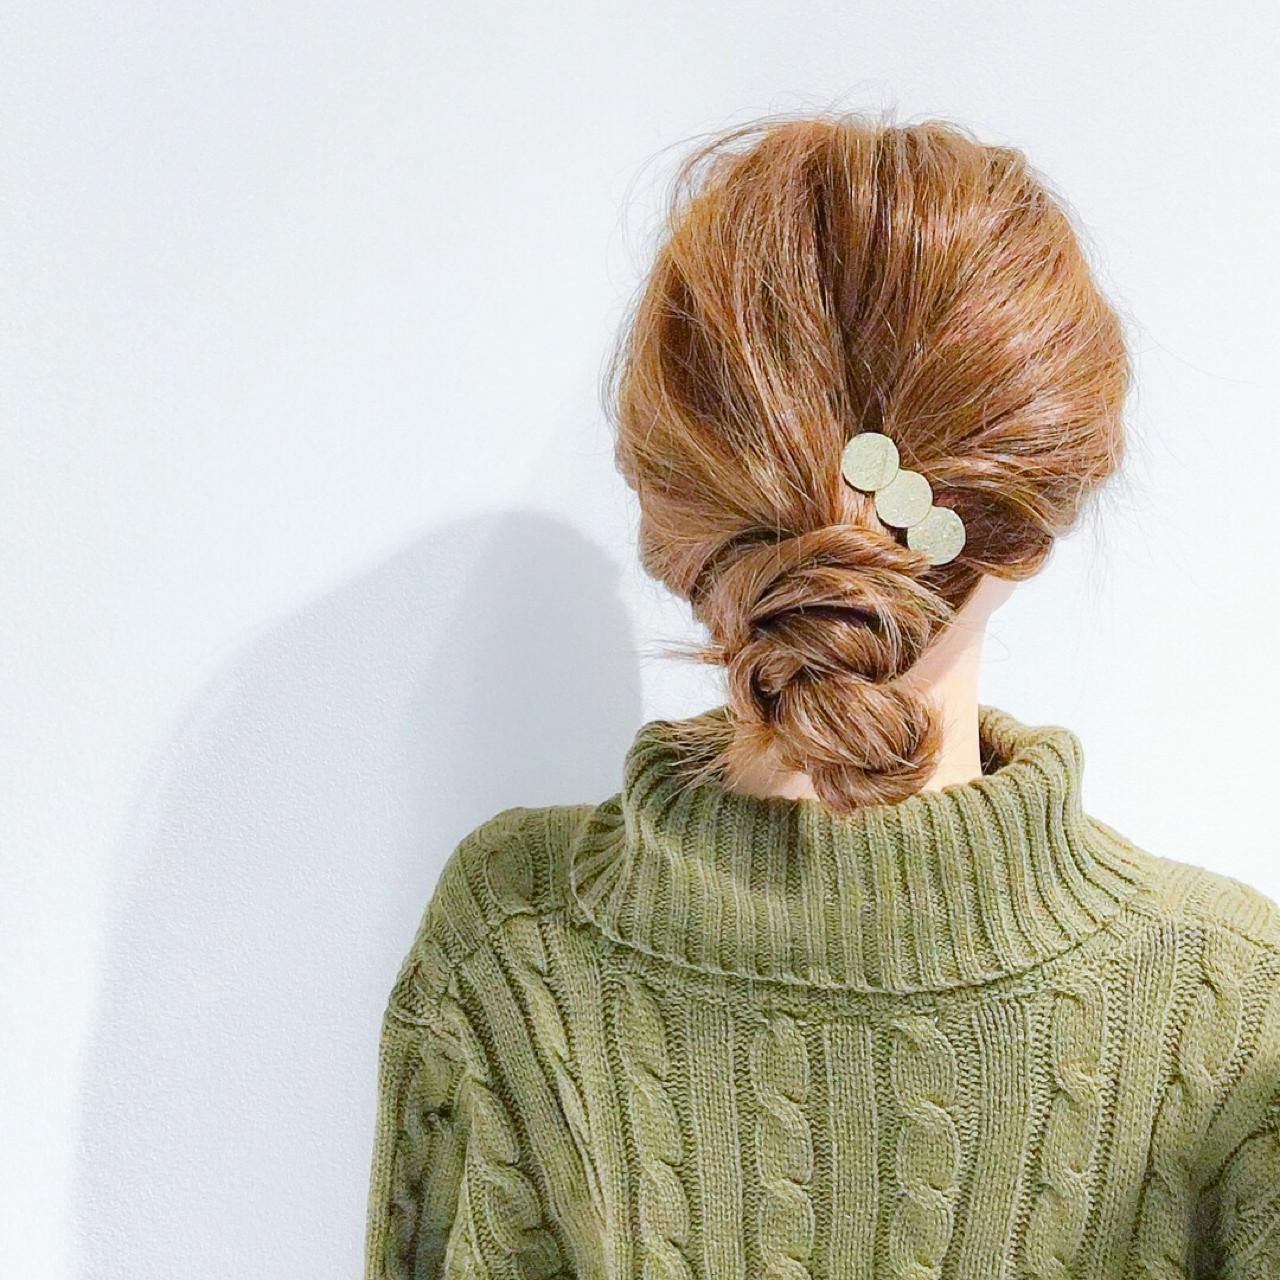 アウトドア セミロング ヘアアレンジ オフィス ヘアスタイルや髪型の写真・画像 | 美容師HIRO/Amoute代表 / Amoute/アムティ